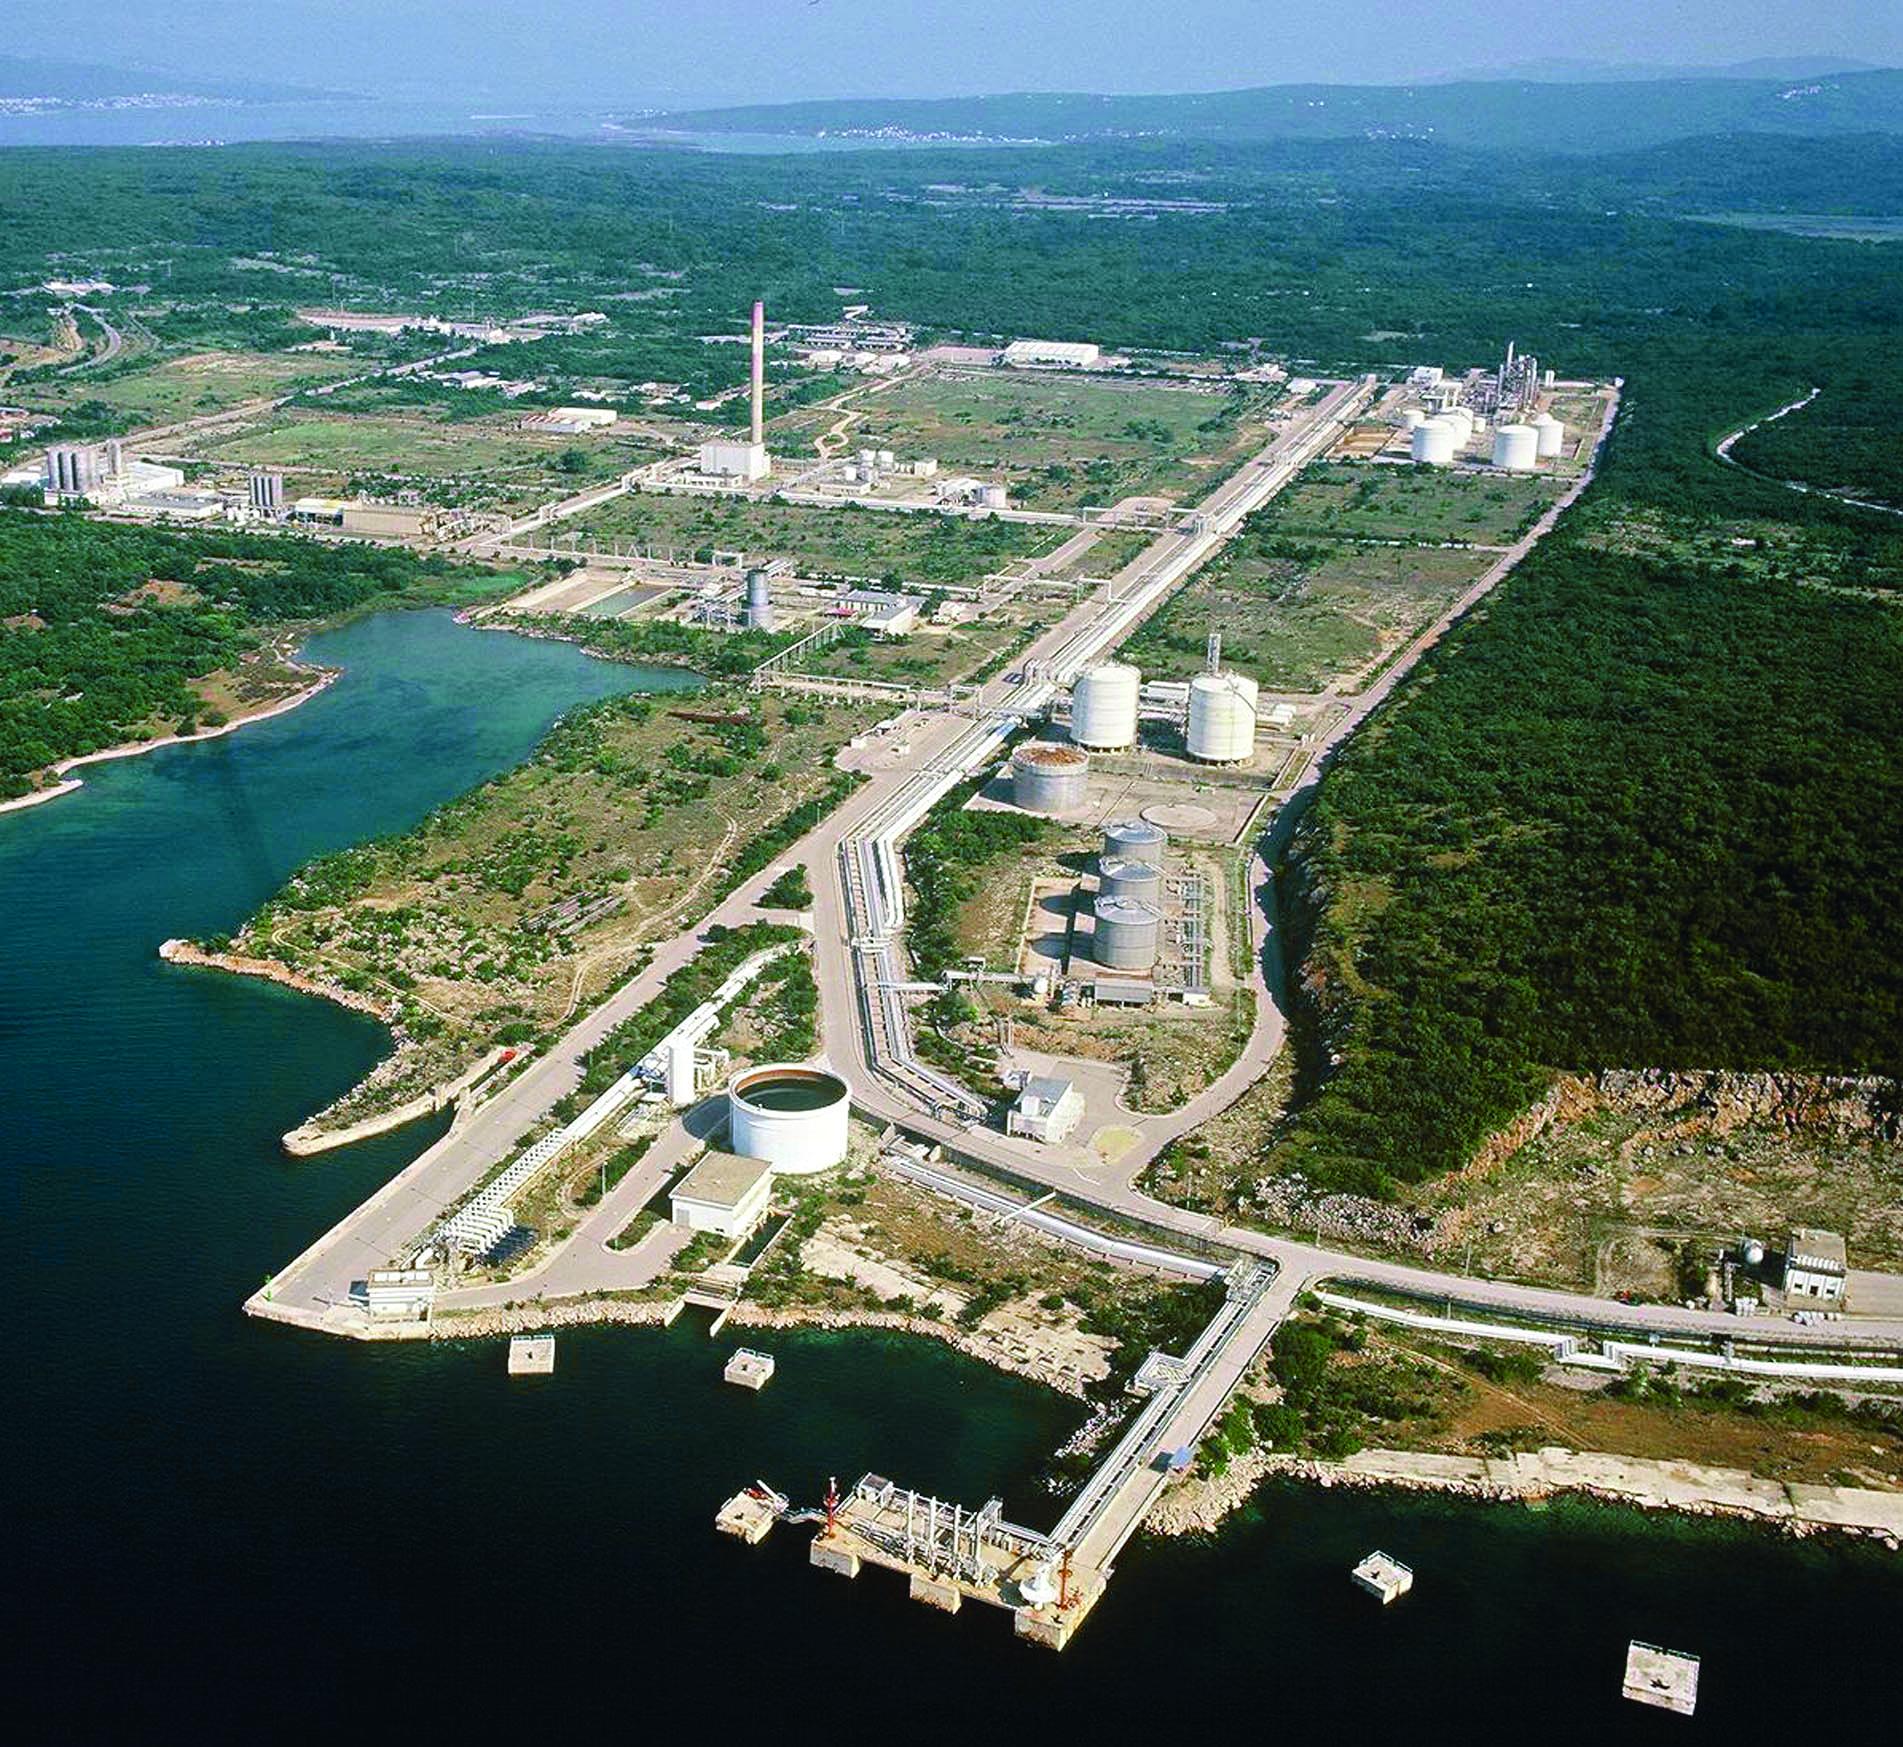 08.09.2008 Rijeka - Sustav jadranskog naftovoda - terminal Omisalj, projekt